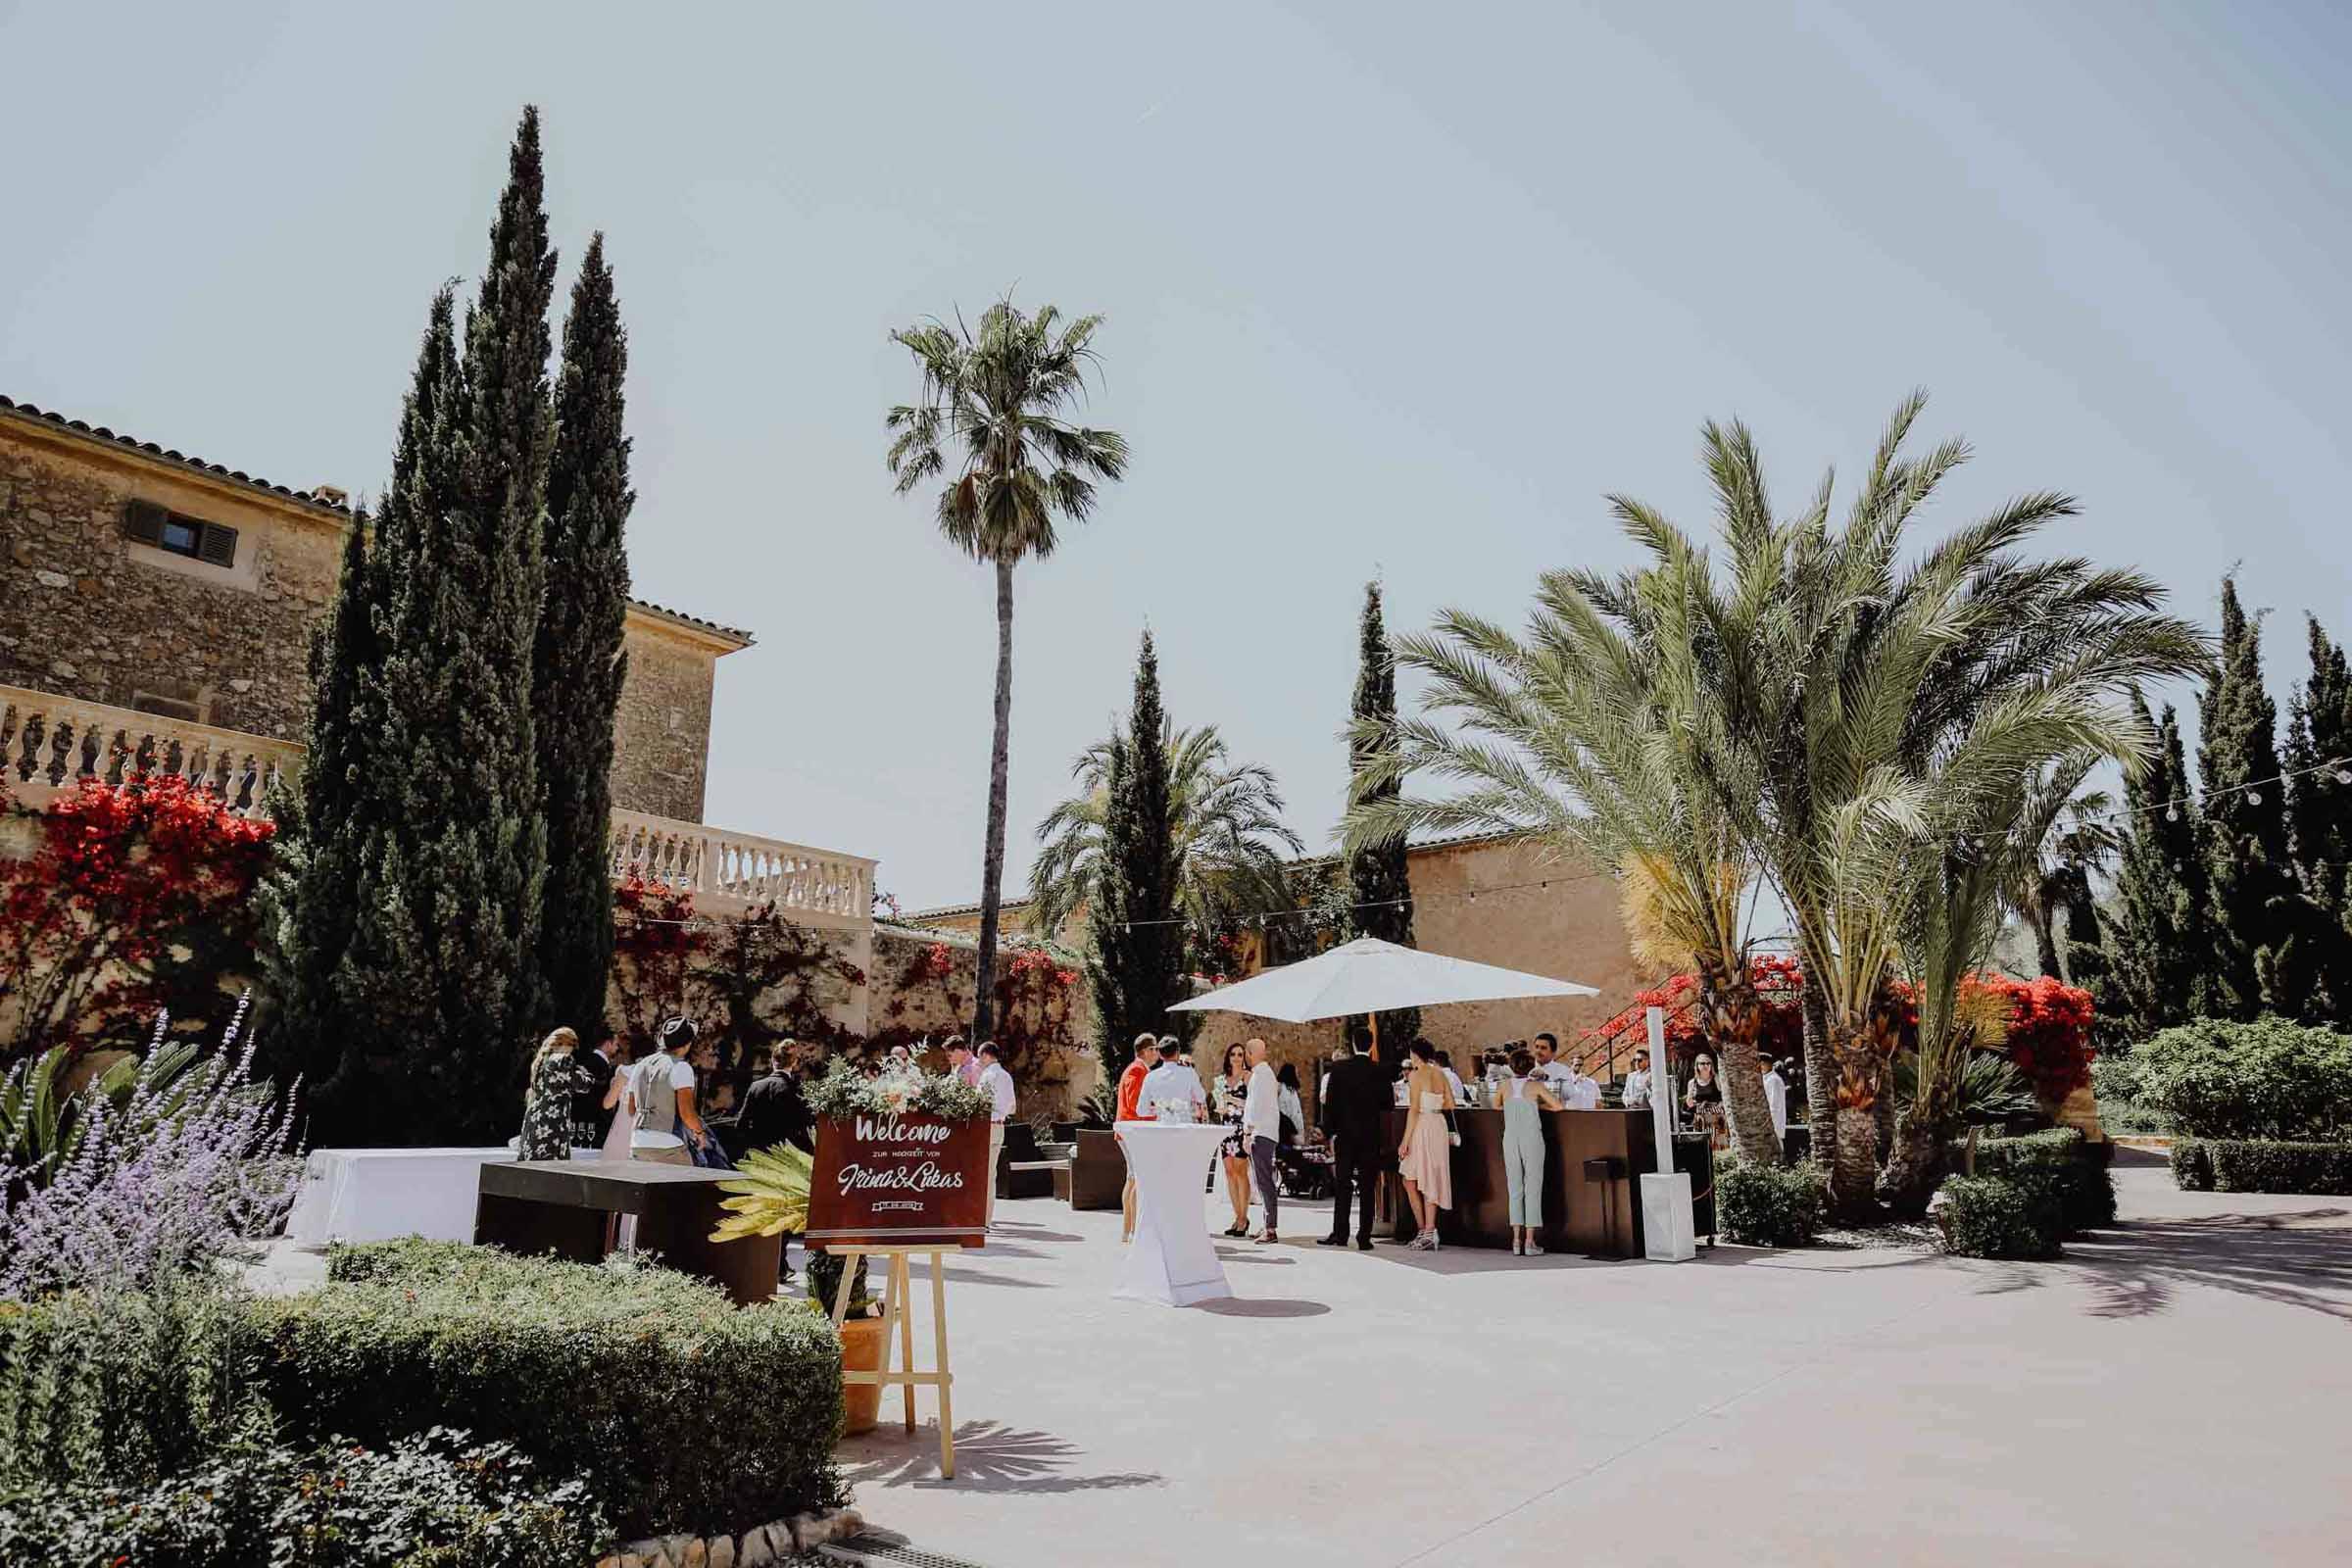 Menschen auf einem Platz mit Palmen